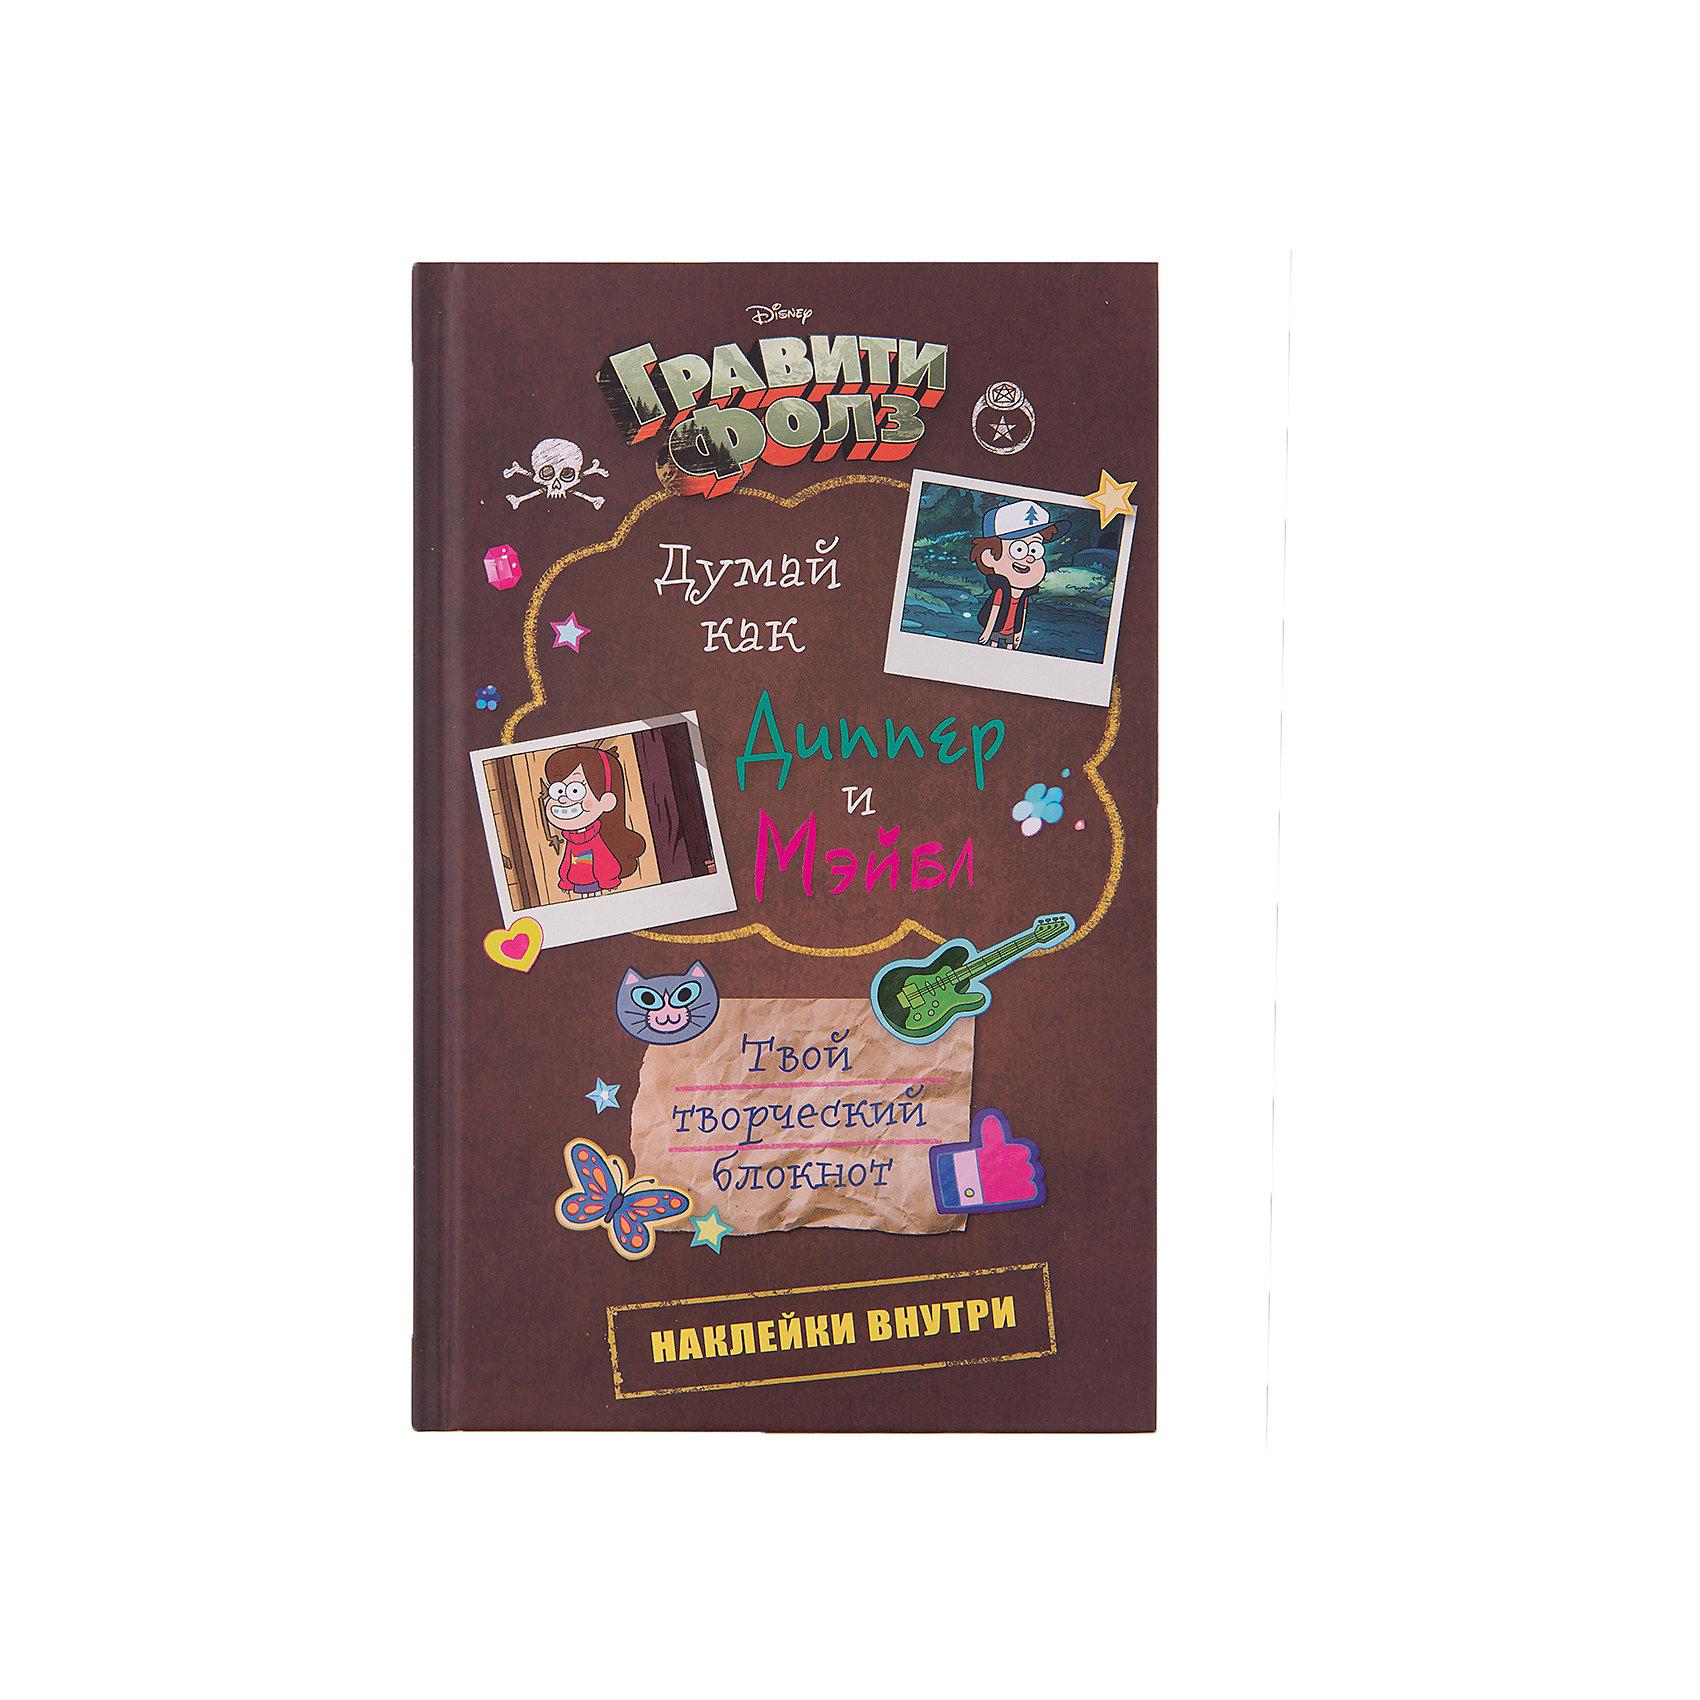 Блокнот с наклейками Думай как Диппер и МэйблРаскраски по номерам<br>Характеристики товара: <br><br>• ISBN: 9785699900398<br>• возраст от: 10 лет<br>• формат: 84x108/32<br>• бумага: офсет<br>• обложка: твердая<br>• иллюстрации: цветные<br>• серия: Disney. Гравити Фолз<br>• издательство: Эксмо<br>• переводчик: Хромова А. С.<br>• количество страниц: 128<br>• размеры: 20x13 см<br><br>Мир, созданный в мультфильме «Гравити Фолз», обожают многие современные дети. Этот блокнот поможет снова встретиться с любимыми героями.<br><br>Отличное качество печати, изображение героев, наклейки - всё это поможет проникнуться атмосферой любимой вселенной.<br><br>«Думай как Диппер и Мэйбл: Твой творческий блокнот» можно купить в нашем интернет-магазине.<br><br>Ширина мм: 200<br>Глубина мм: 125<br>Высота мм: 130<br>Вес г: 278<br>Возраст от месяцев: 144<br>Возраст до месяцев: 2147483647<br>Пол: Унисекс<br>Возраст: Детский<br>SKU: 5535328